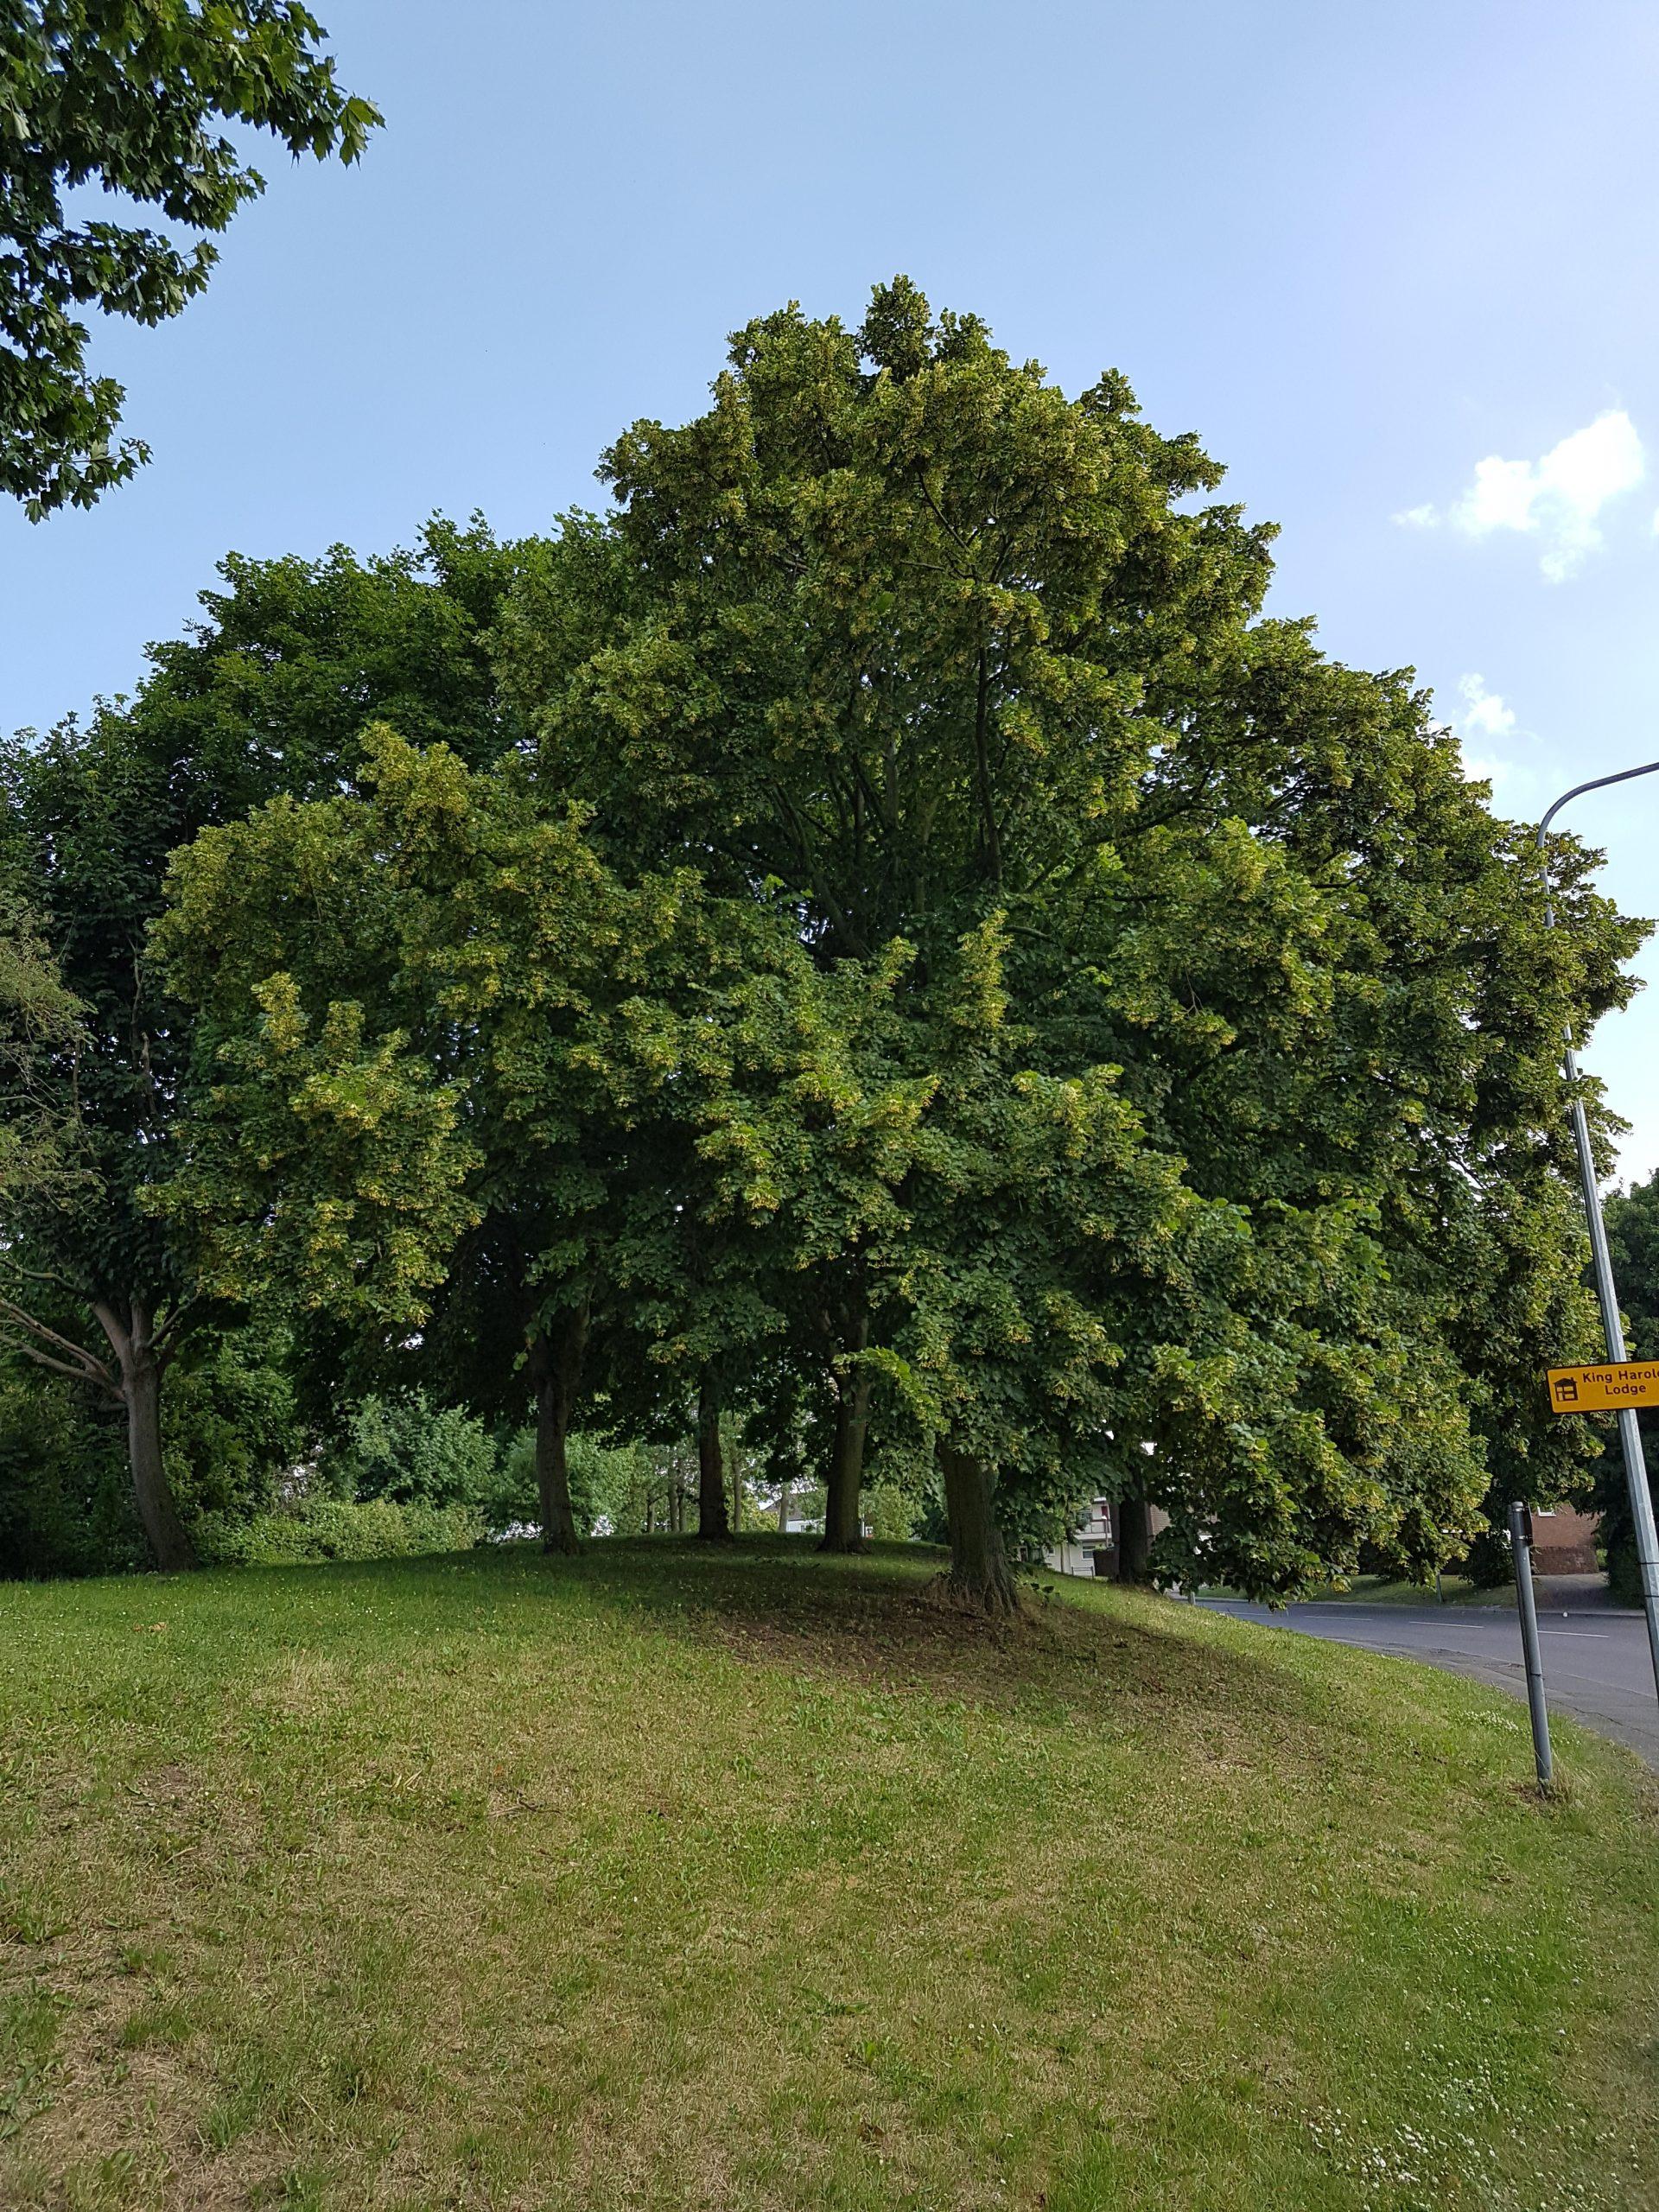 Lime or Linden Tree Flowers – Tilia x europea